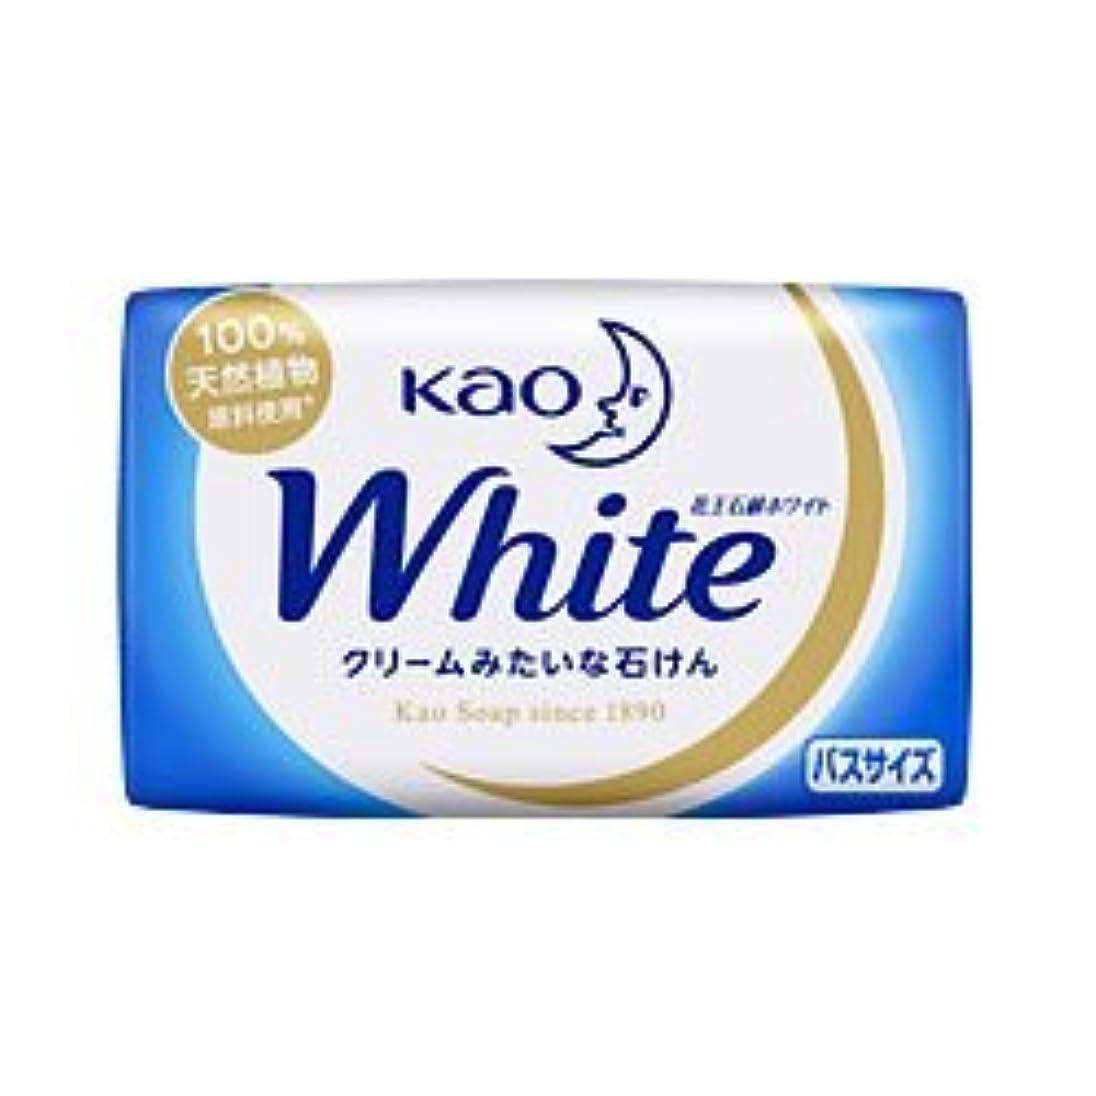 ダニ効果的に信条【花王】花王ホワイト バスサイズ 1個 130g ×20個セット